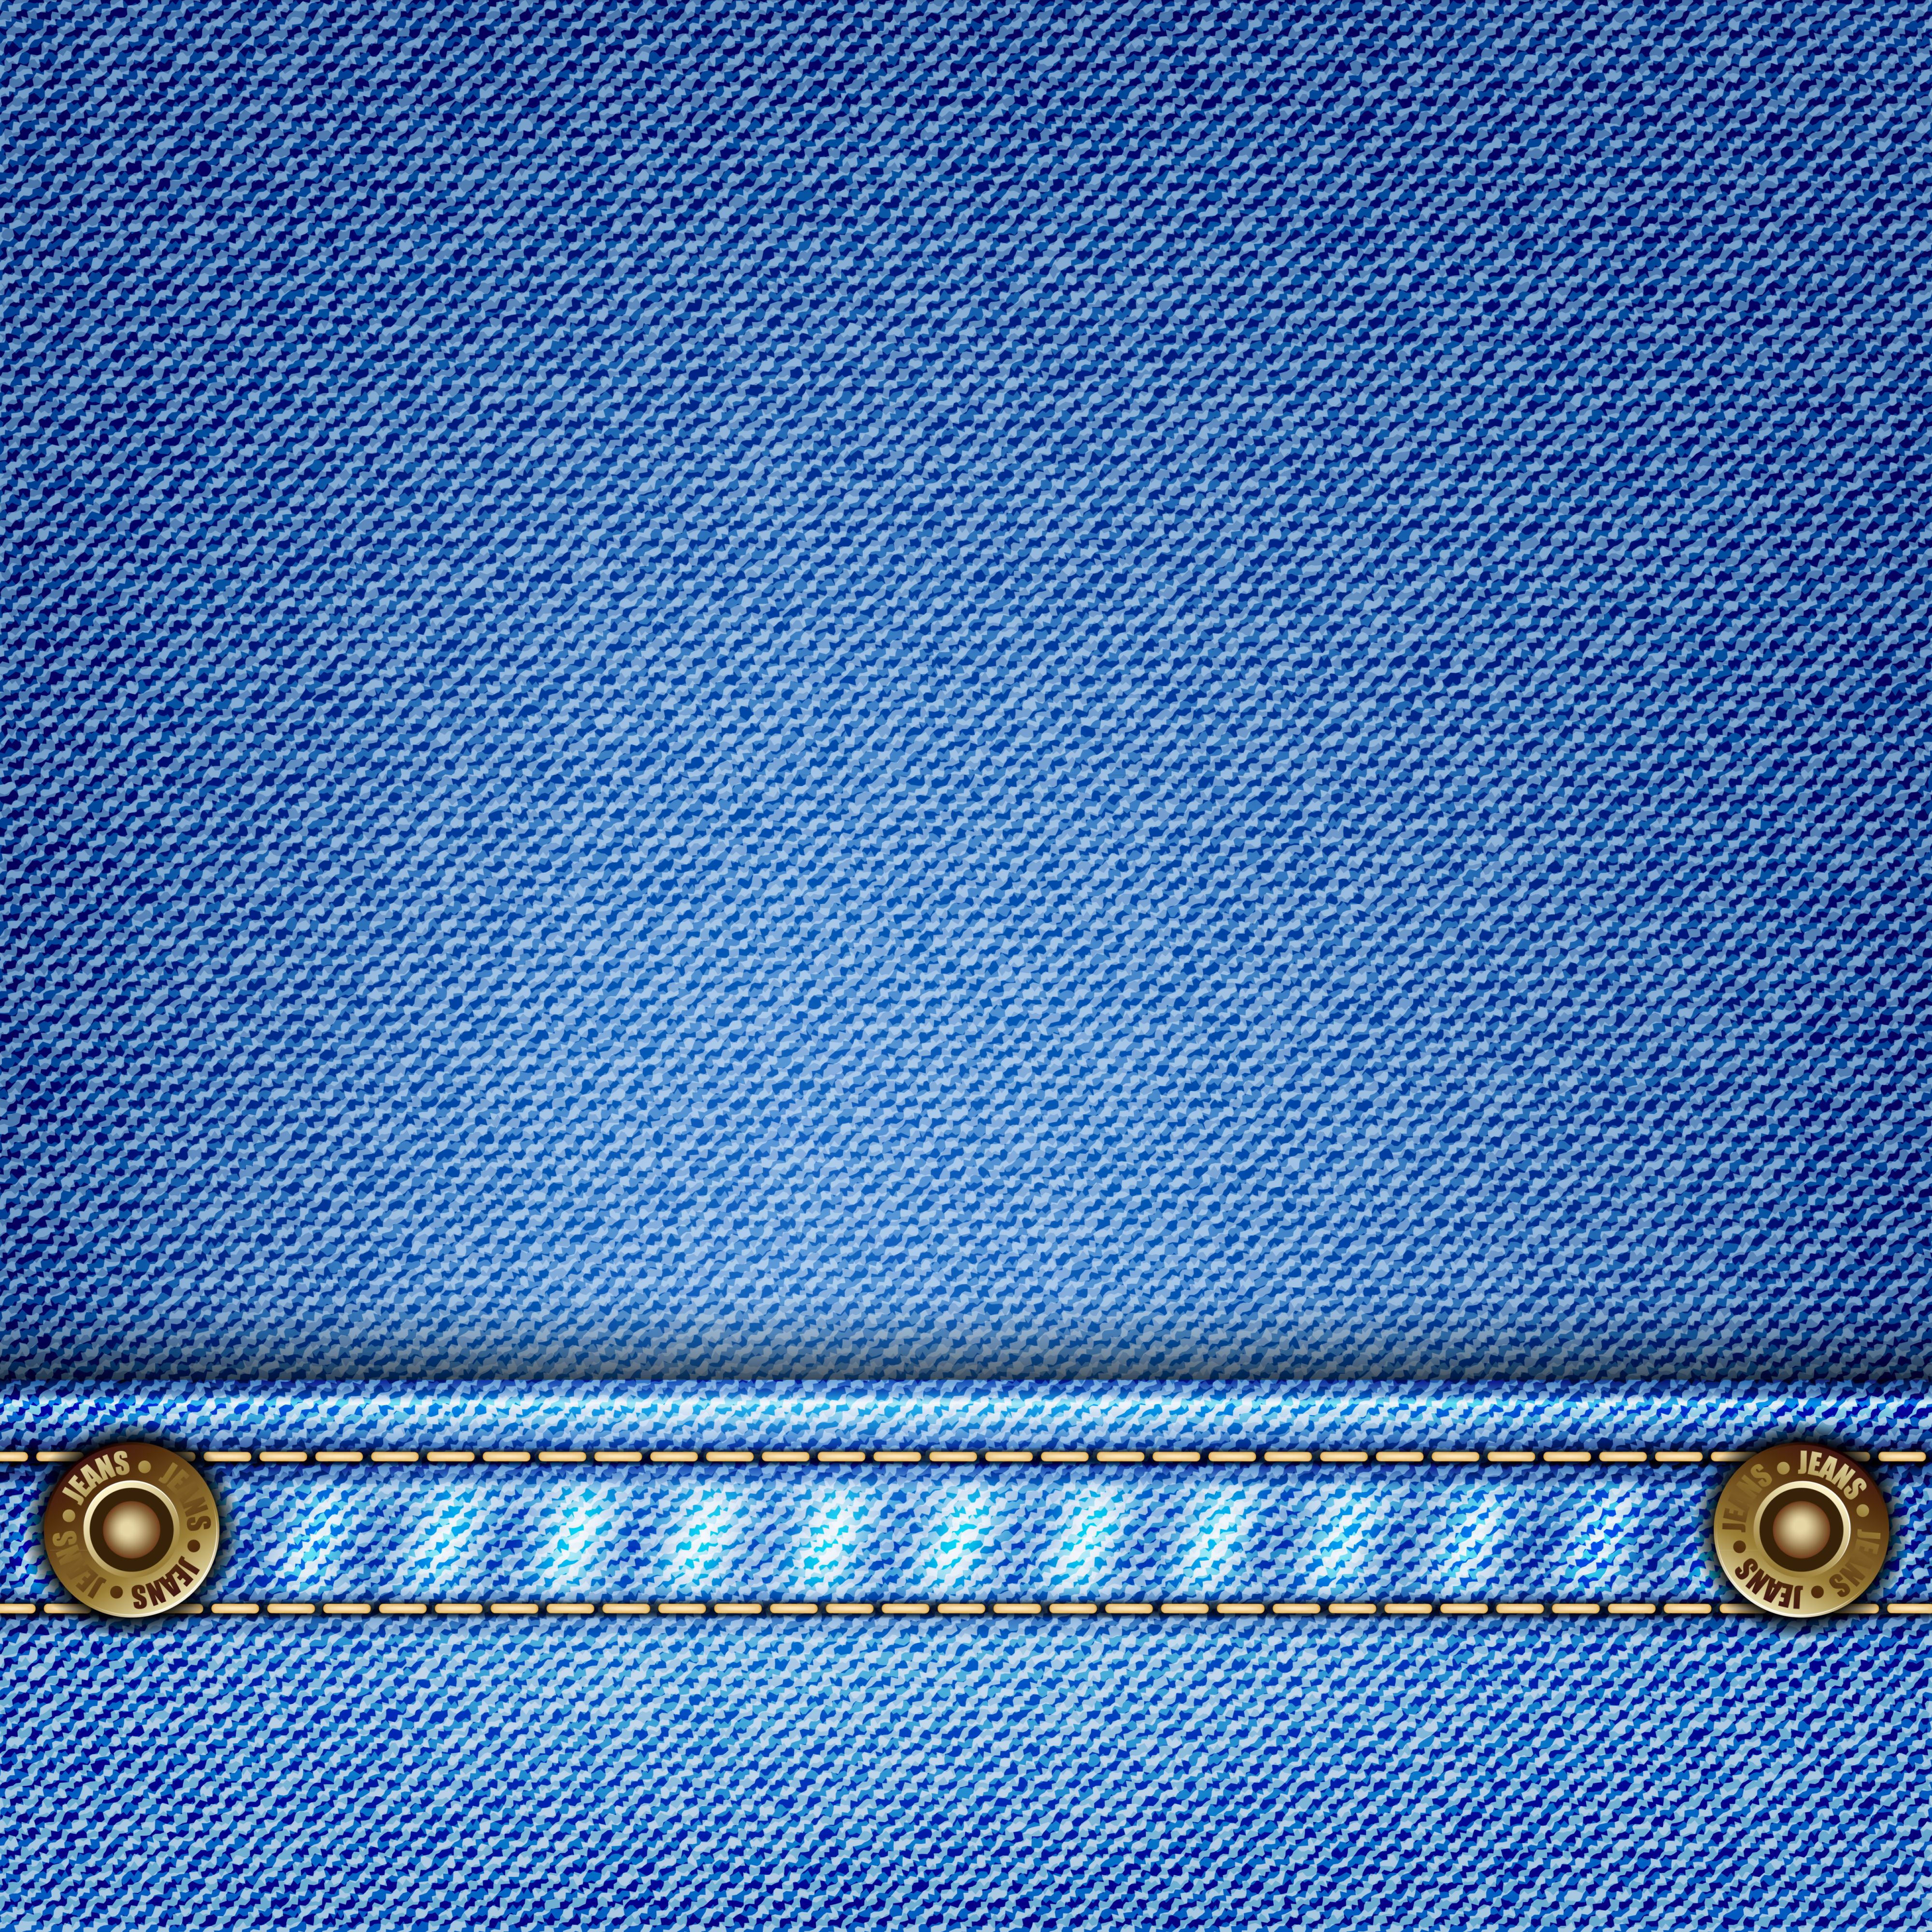 калитки для картинки джинс фон доступ